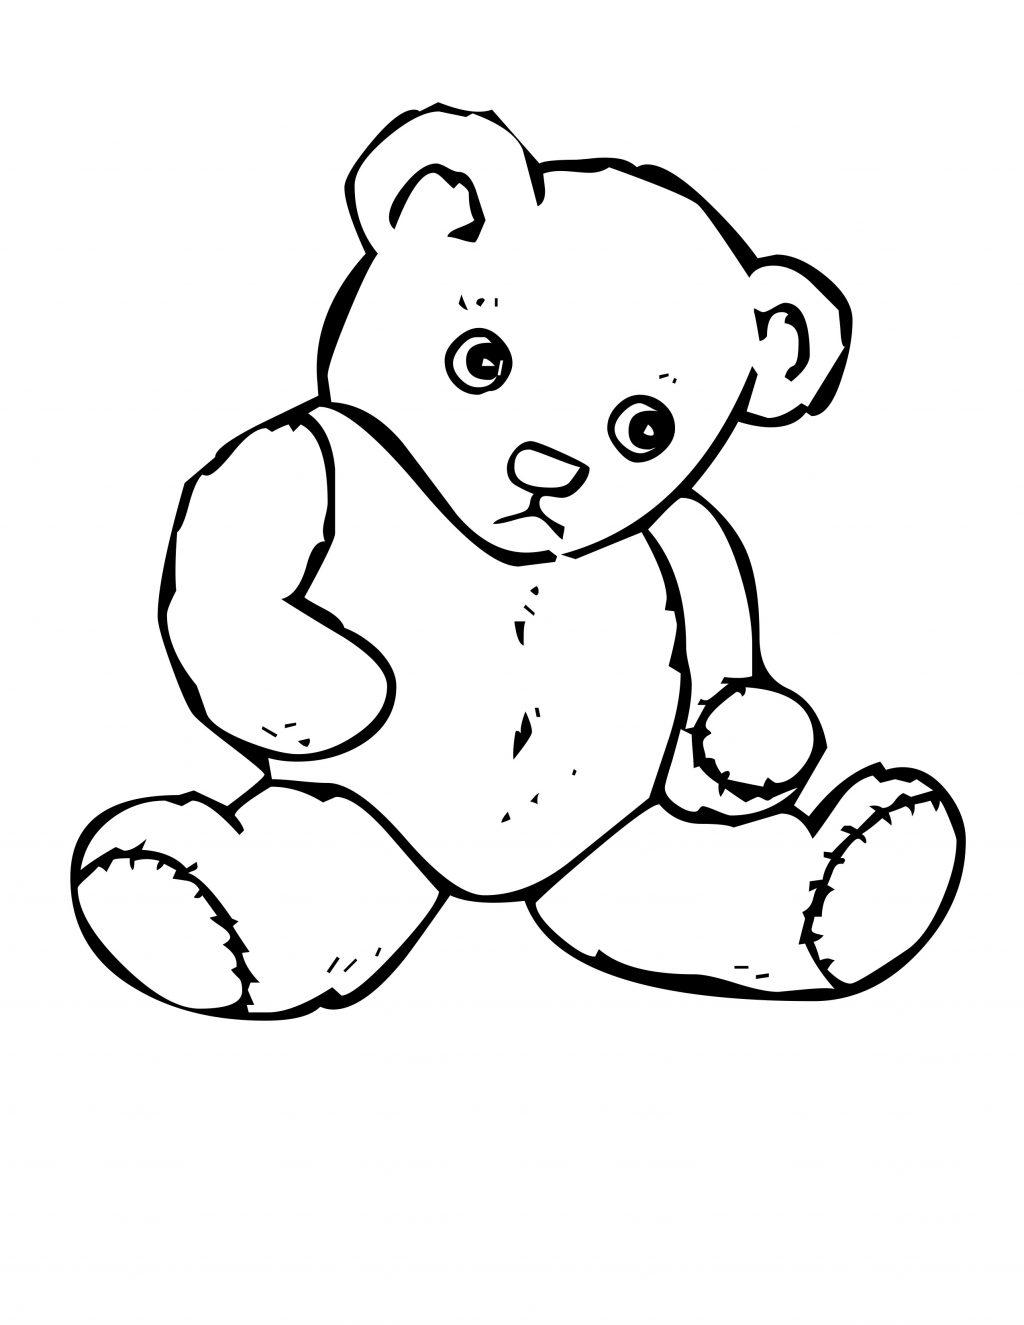 Cute Koala Drawing at GetDrawings.com | Free for personal use Cute ...